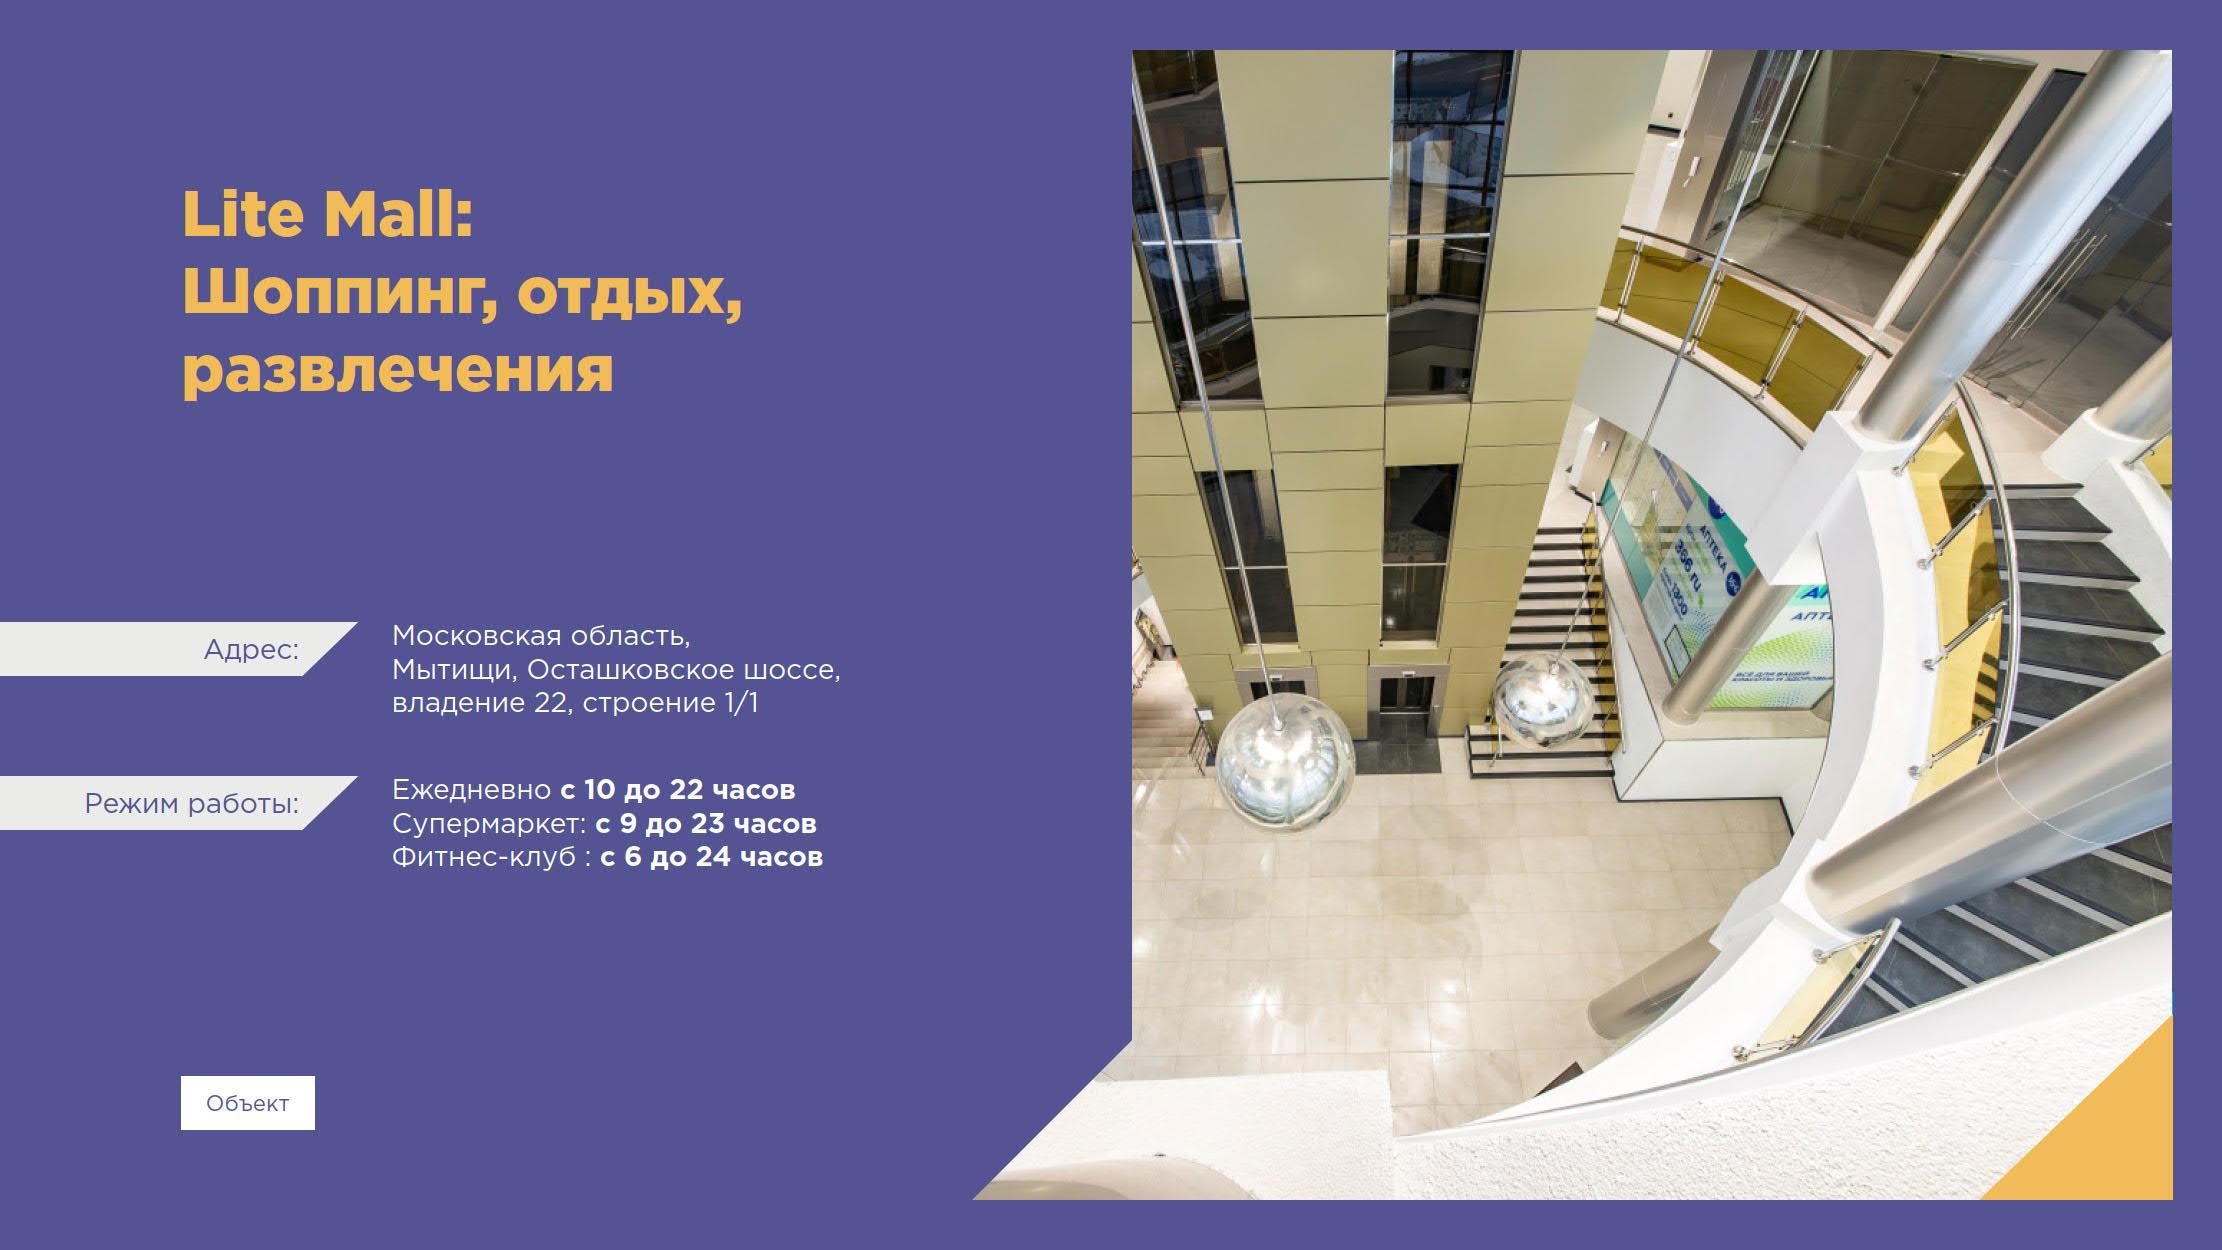 Презентация нового ТРЦ Lite Mall для арендаторов